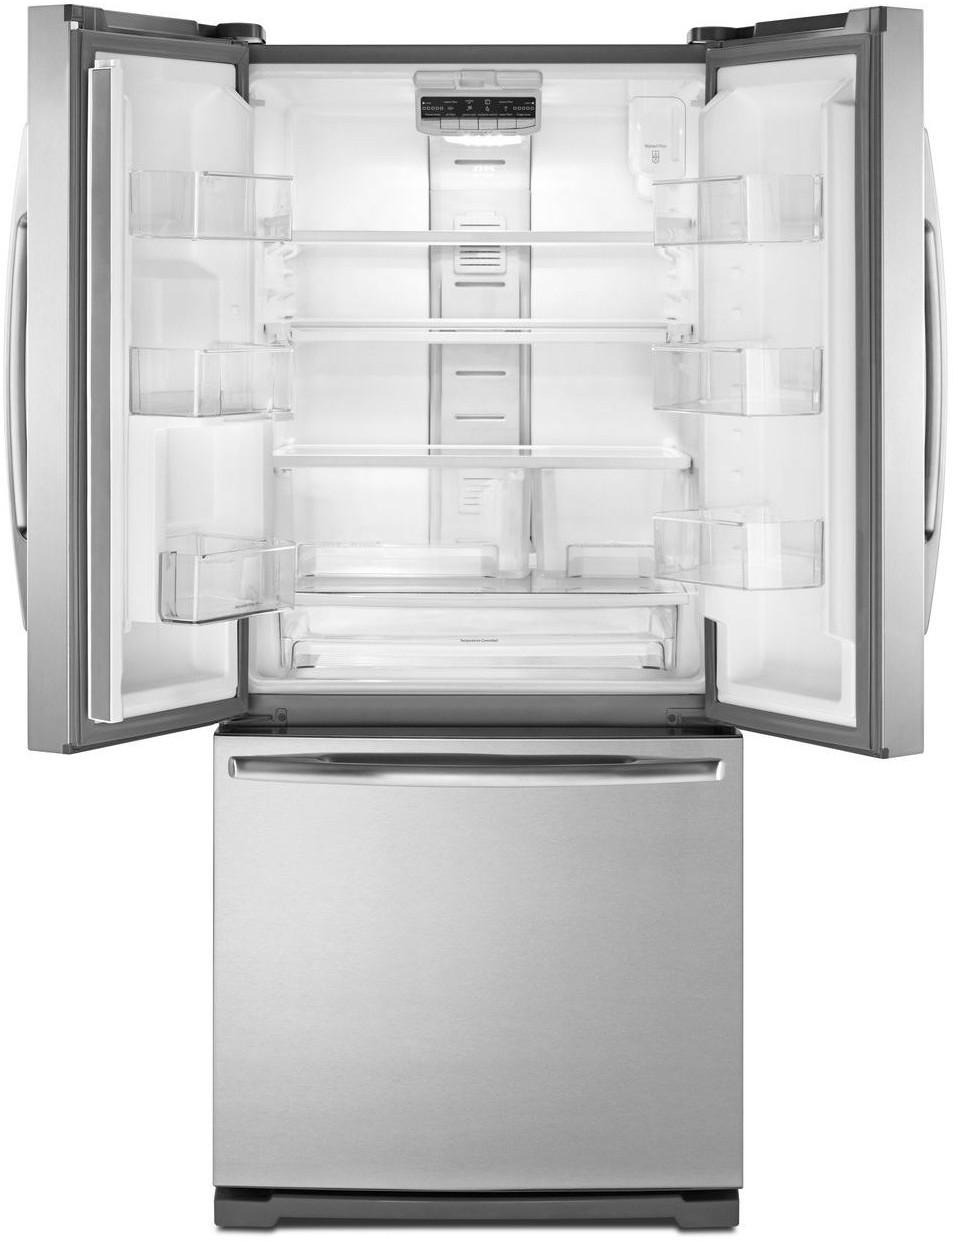 Maytag mfw2055yem 19 6 cu ft french door refrigerator for 19 cu ft french door refrigerator